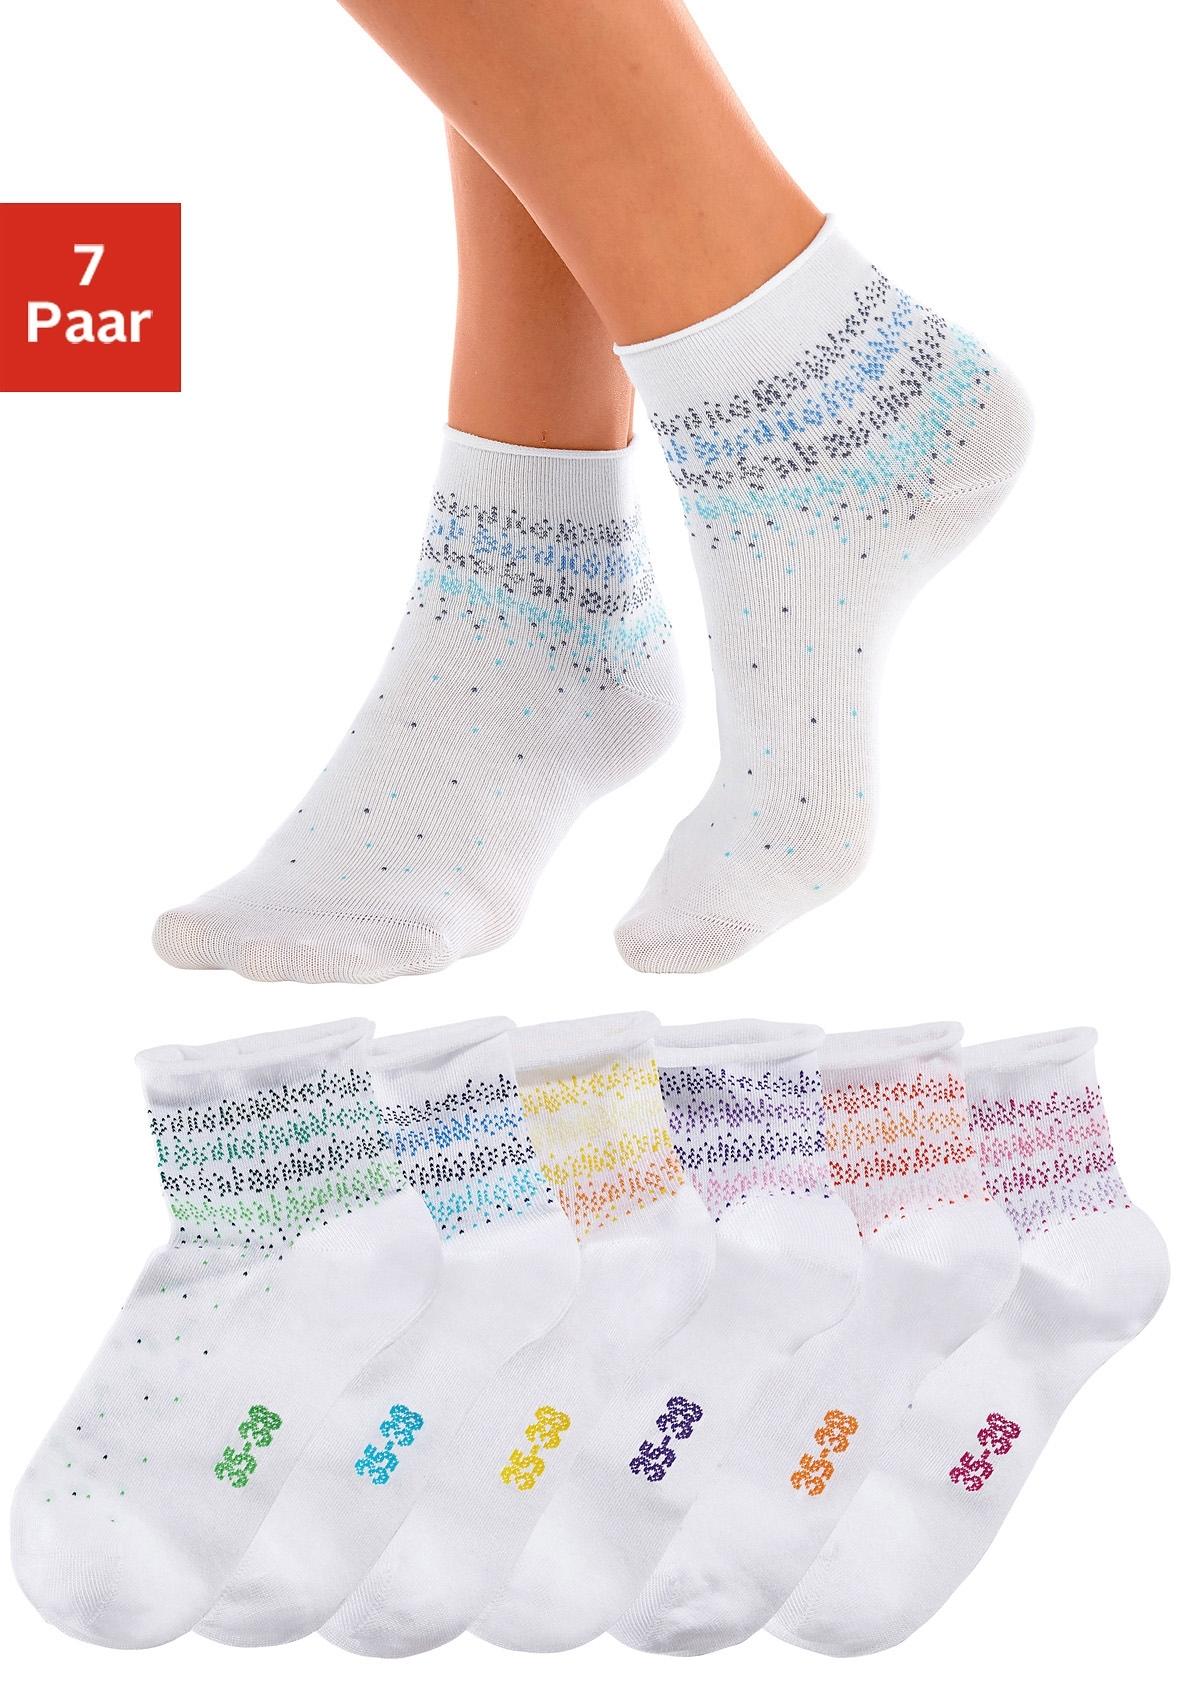 H.I.S Korte sokken 7 paar - gratis ruilen op lascana.nl